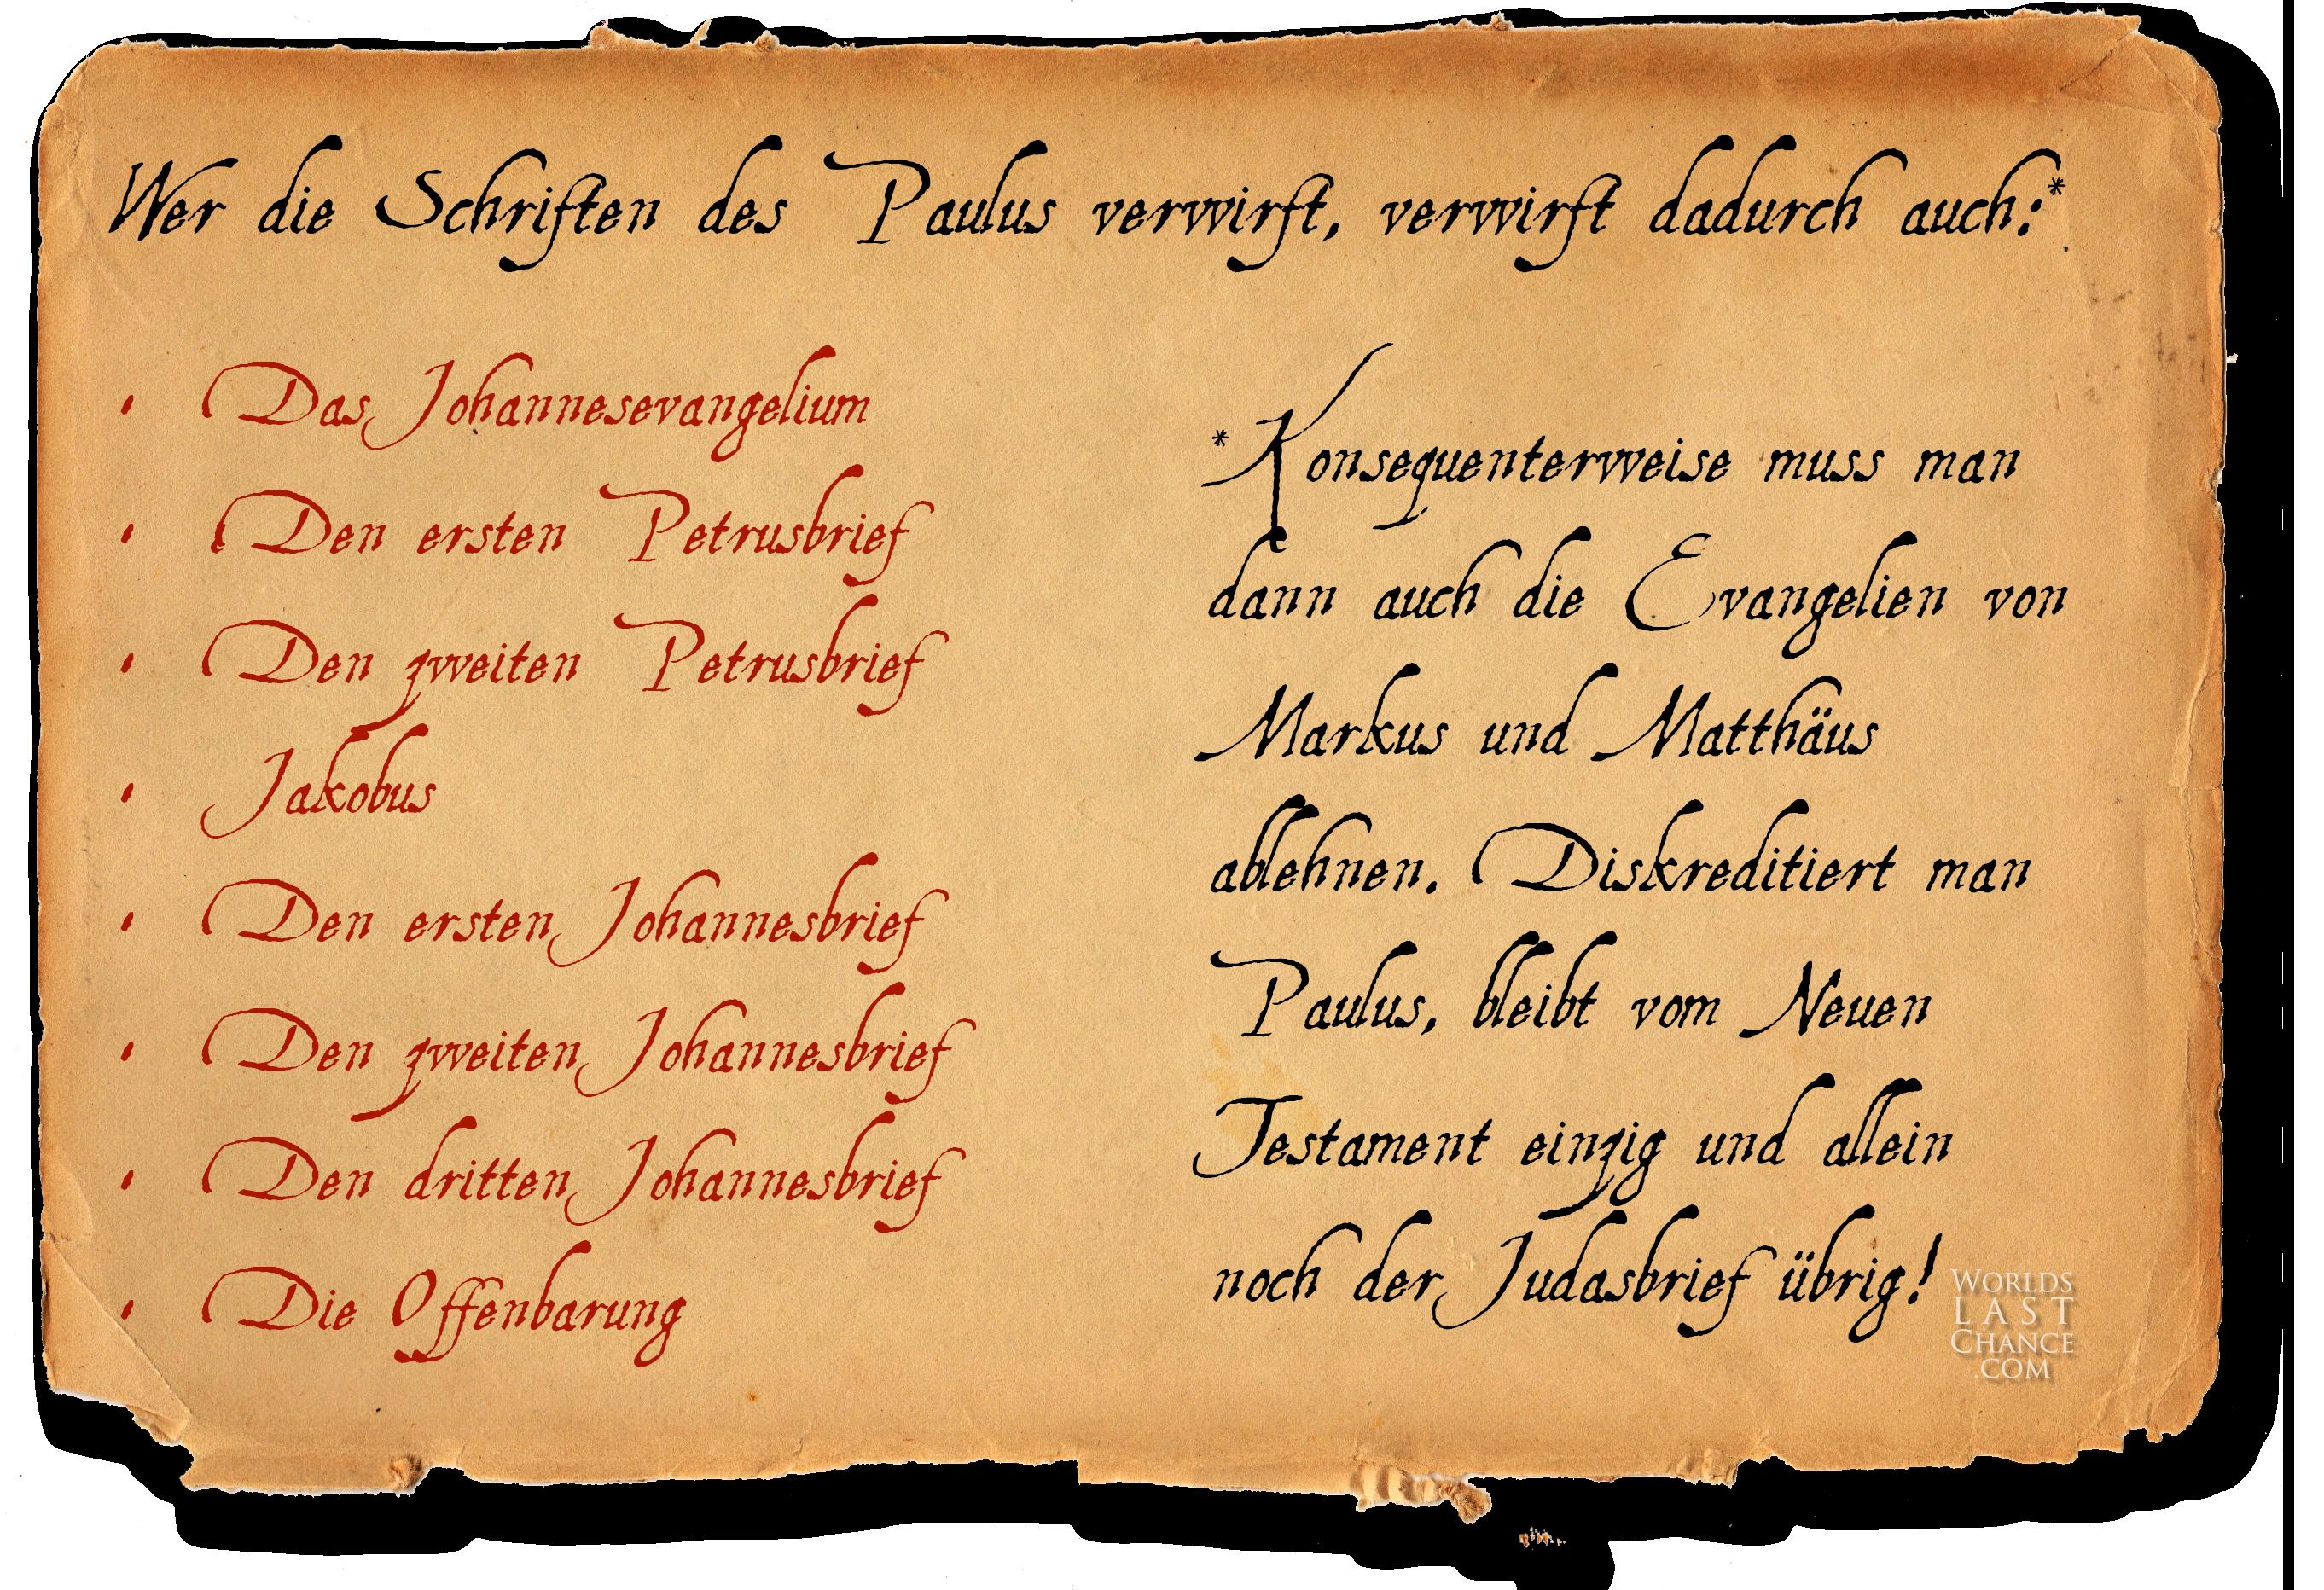 Liste der neutestamentlichen Bücher, die man ablehnen muss, wenn man Paulus ablehnt